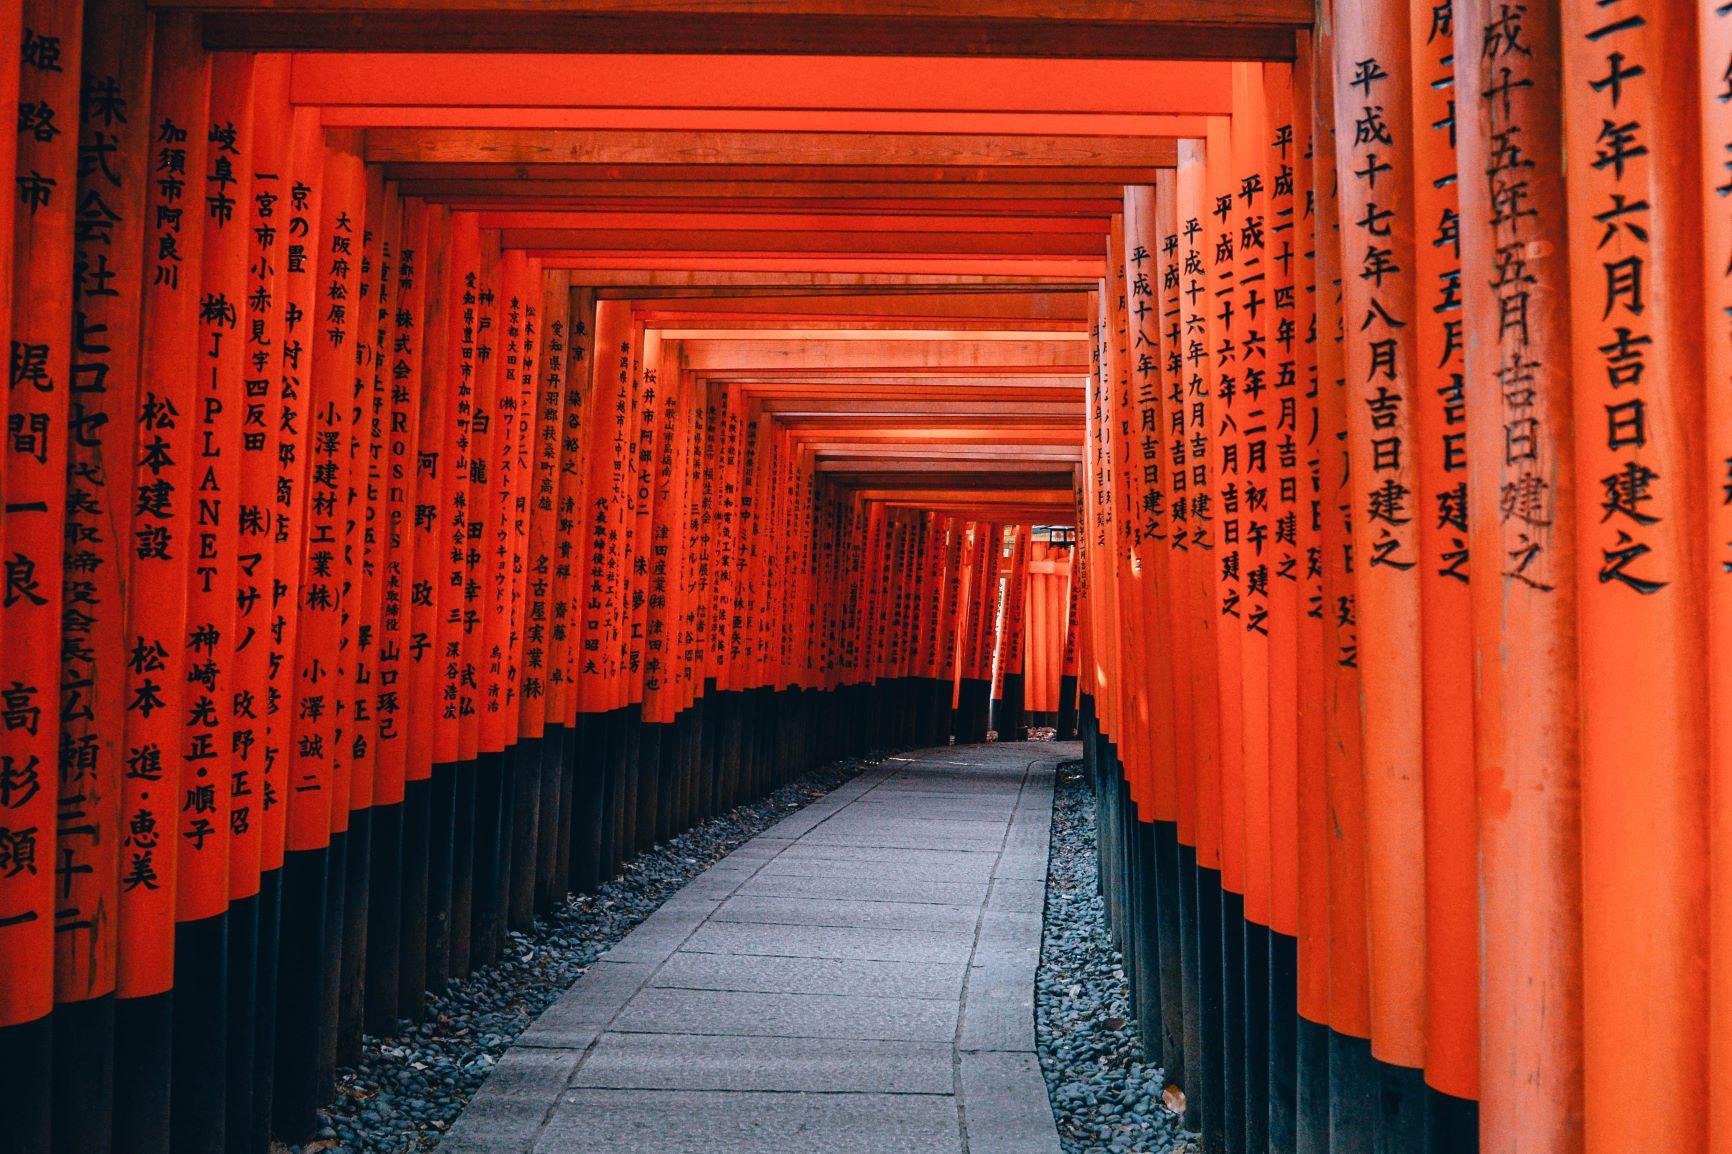 Geishas y samurais. Japón. NUBA everywhere. Santuario Fuhimi Inari y puertas torii